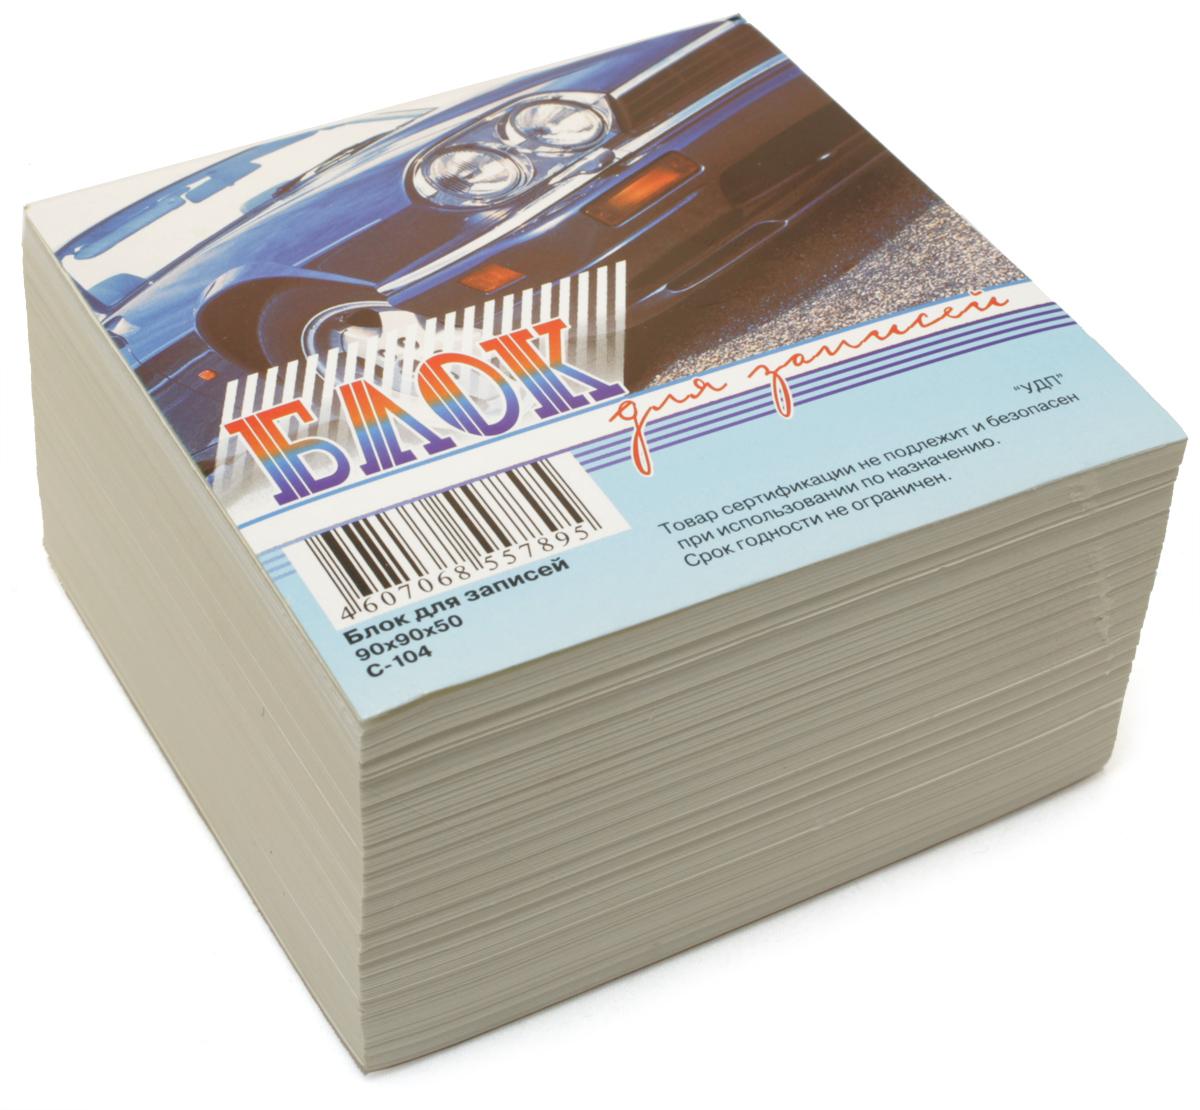 Ульяновский Дом печати Бумага для заметок цвет белый С-104 С-041С-104 С-041Бумага для заметок Ульяновский Дом печати - это удобное и практическое решение для быстрой записи информации дома или на работе.Блок состоит из листов белой бумаги и имеет размер 9 см х 9 см х 5 см.